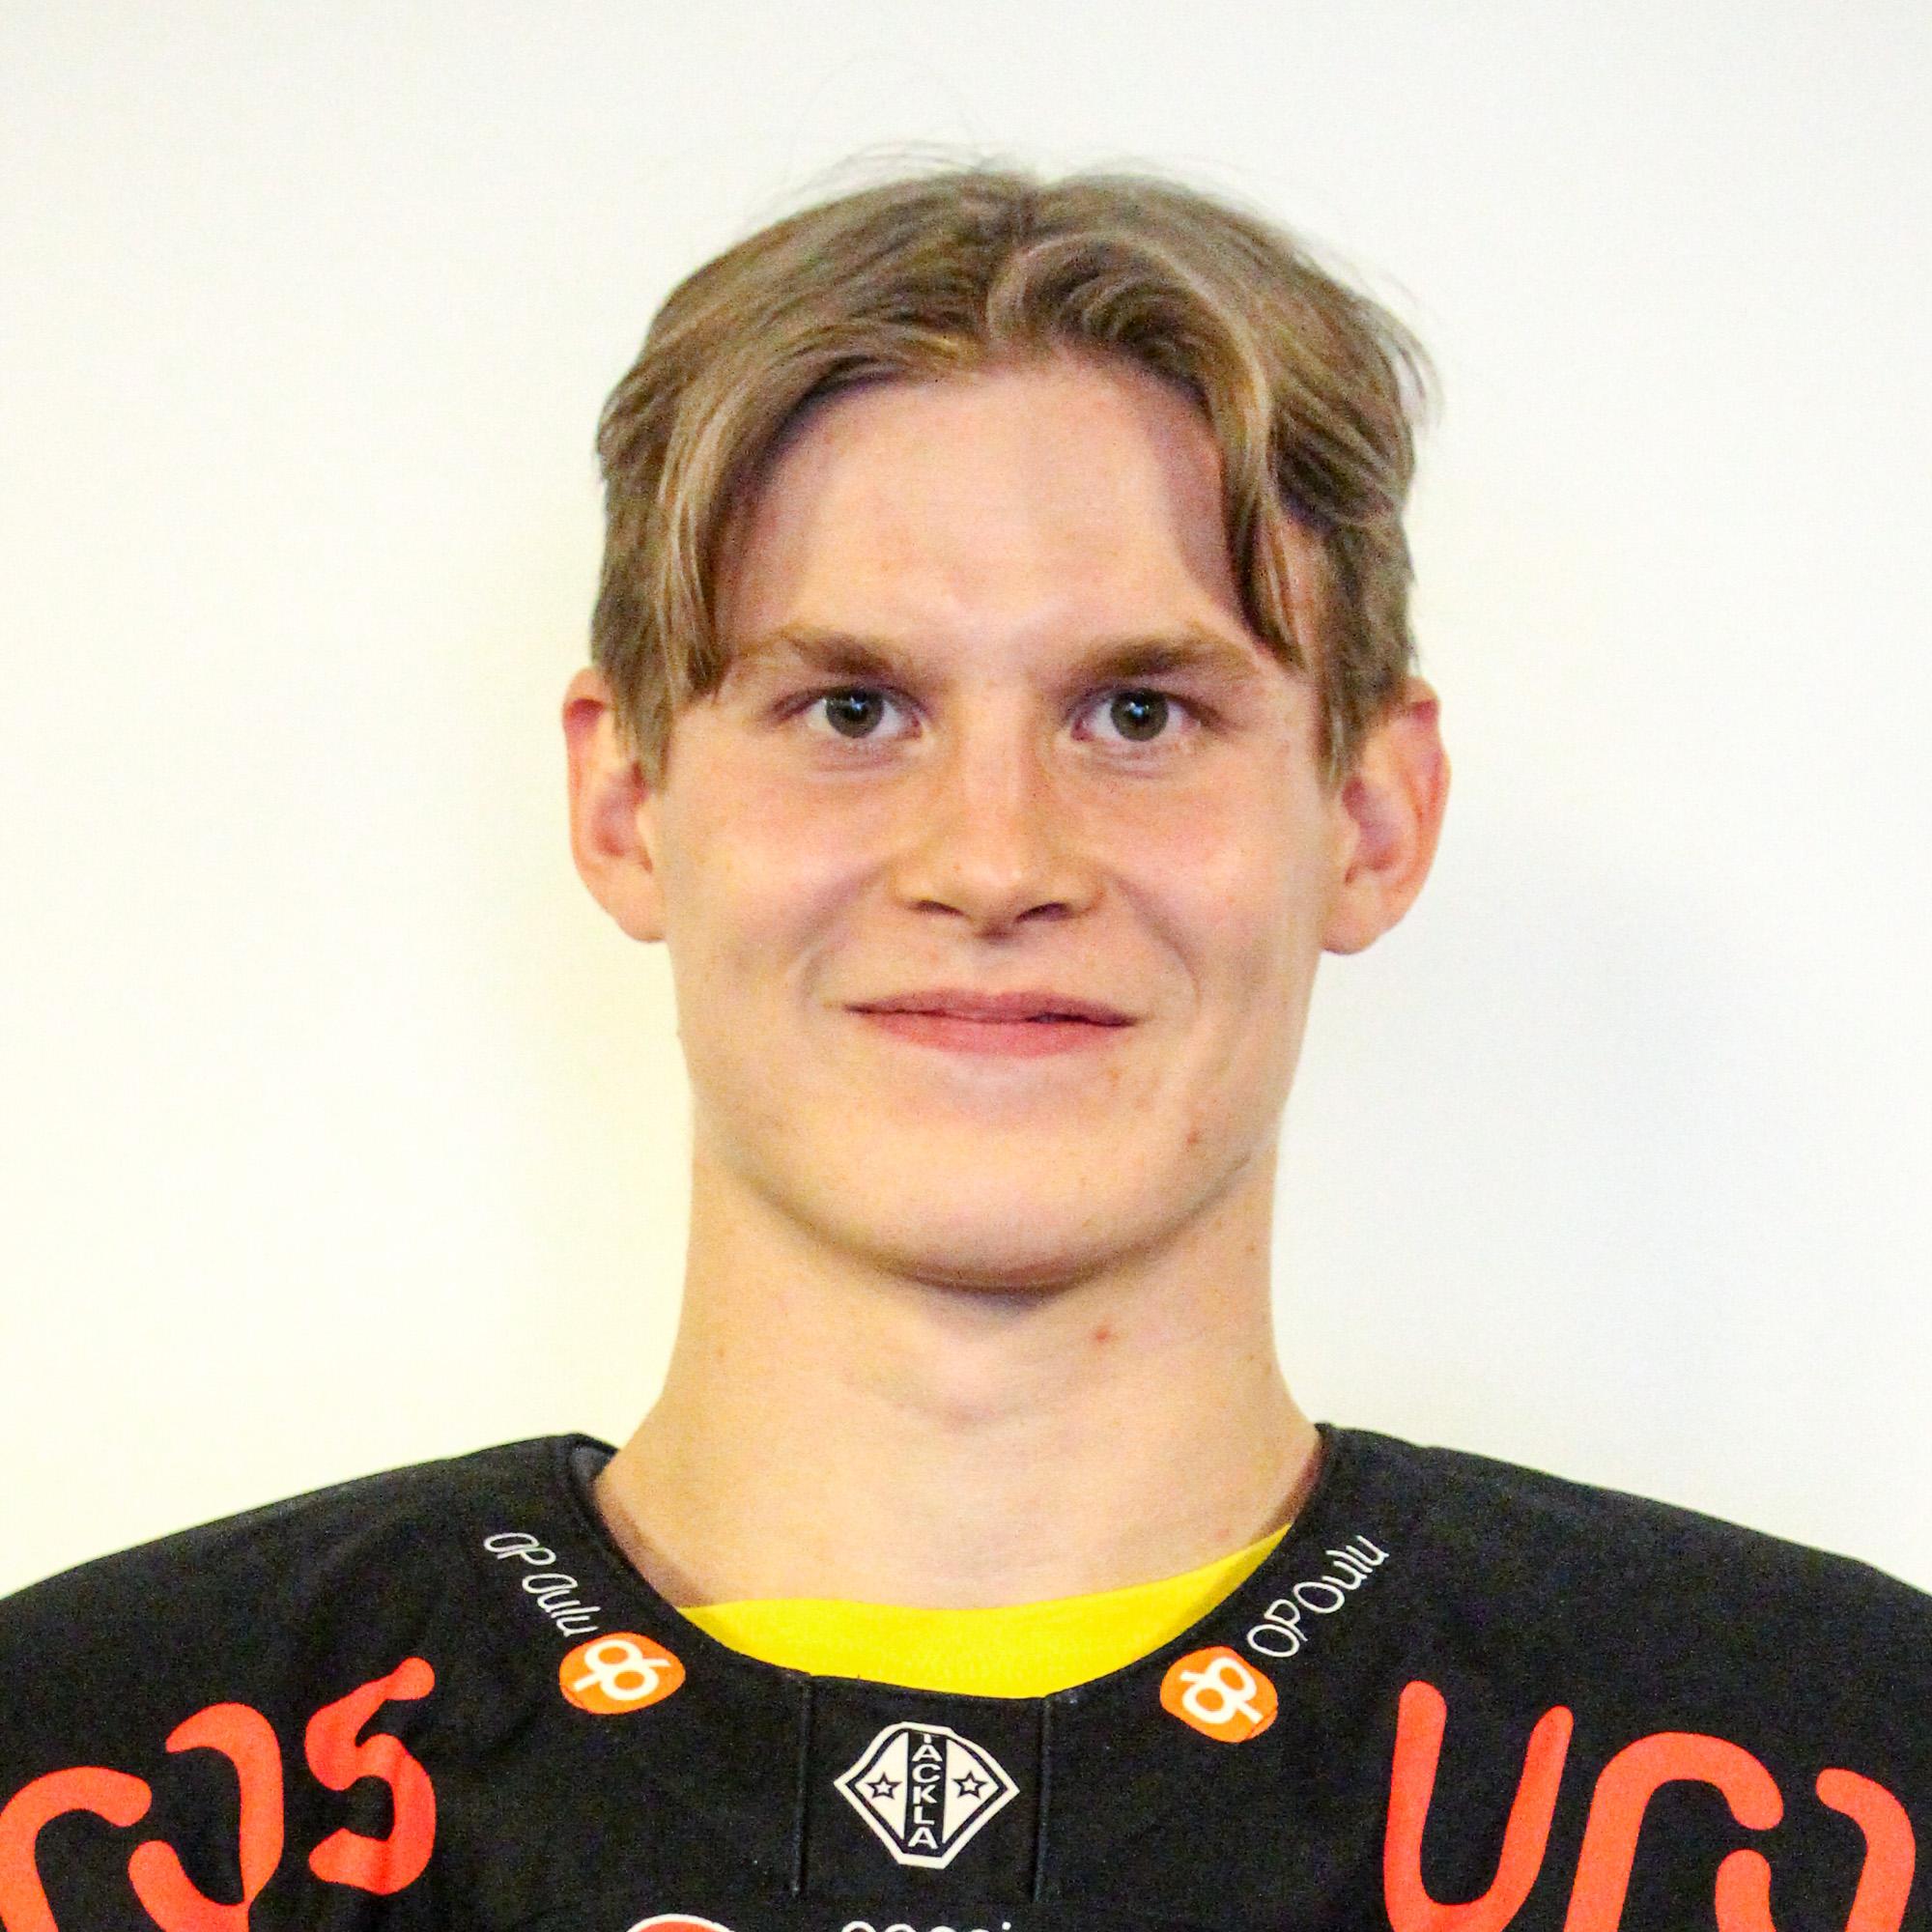 Myllyaho Antti